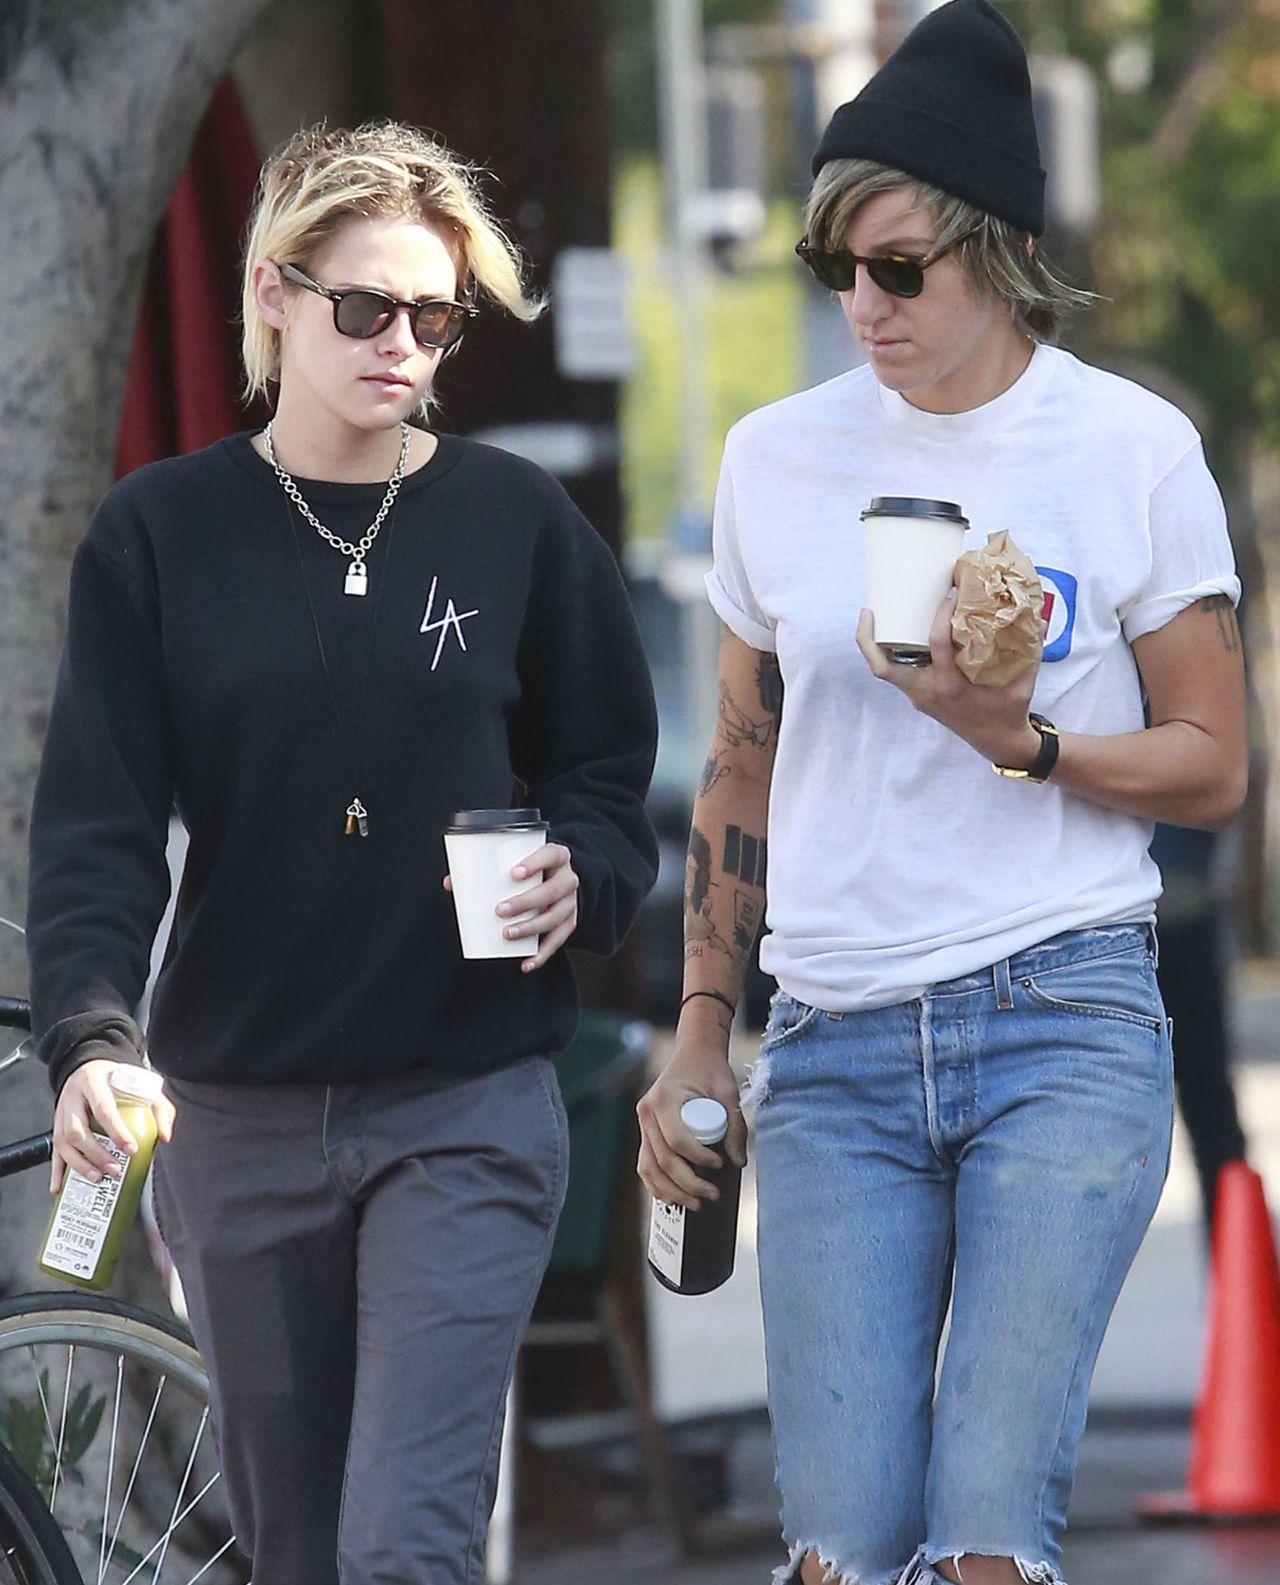 Kristen Stewart Boyfriends 2018 Who Is Kristen Dating Now